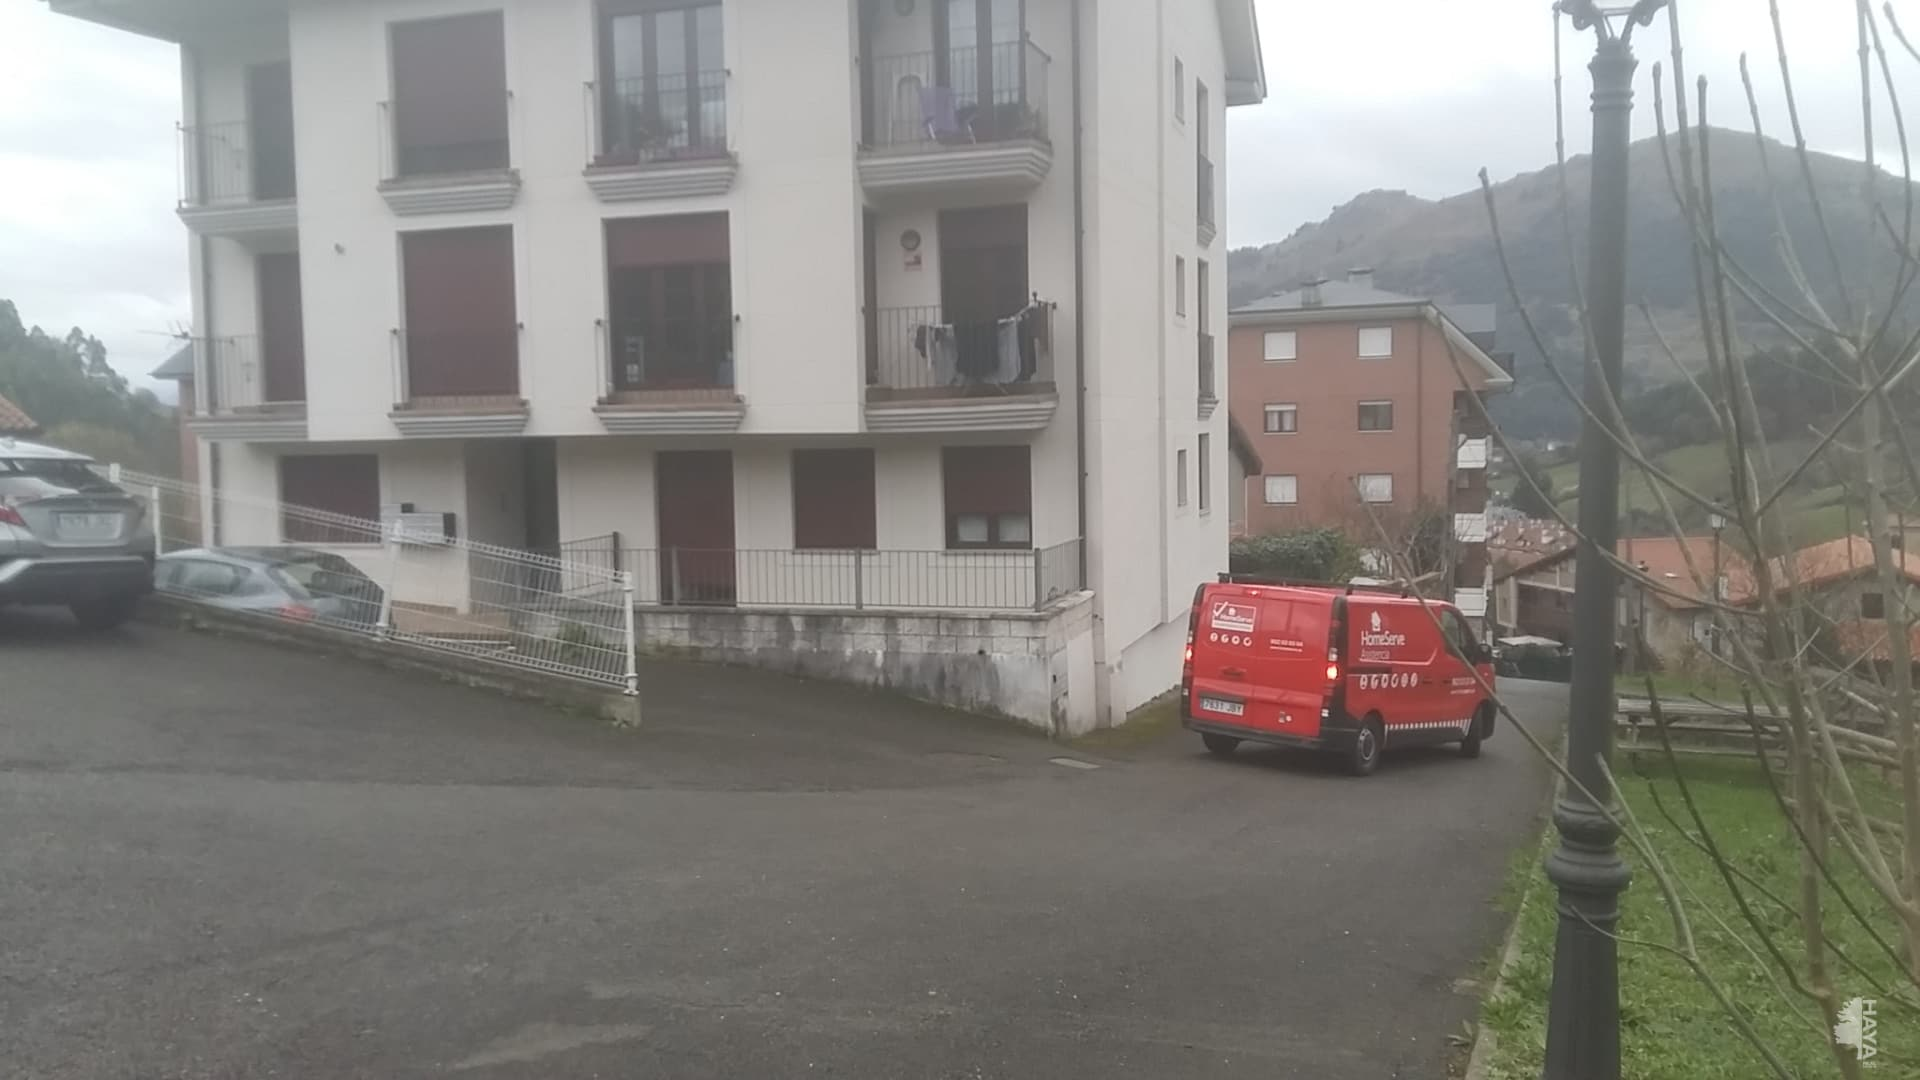 Piso en venta en Limpias, Cantabria, Calle del Canton, 91.000 €, 3 habitaciones, 1 baño, 99 m2